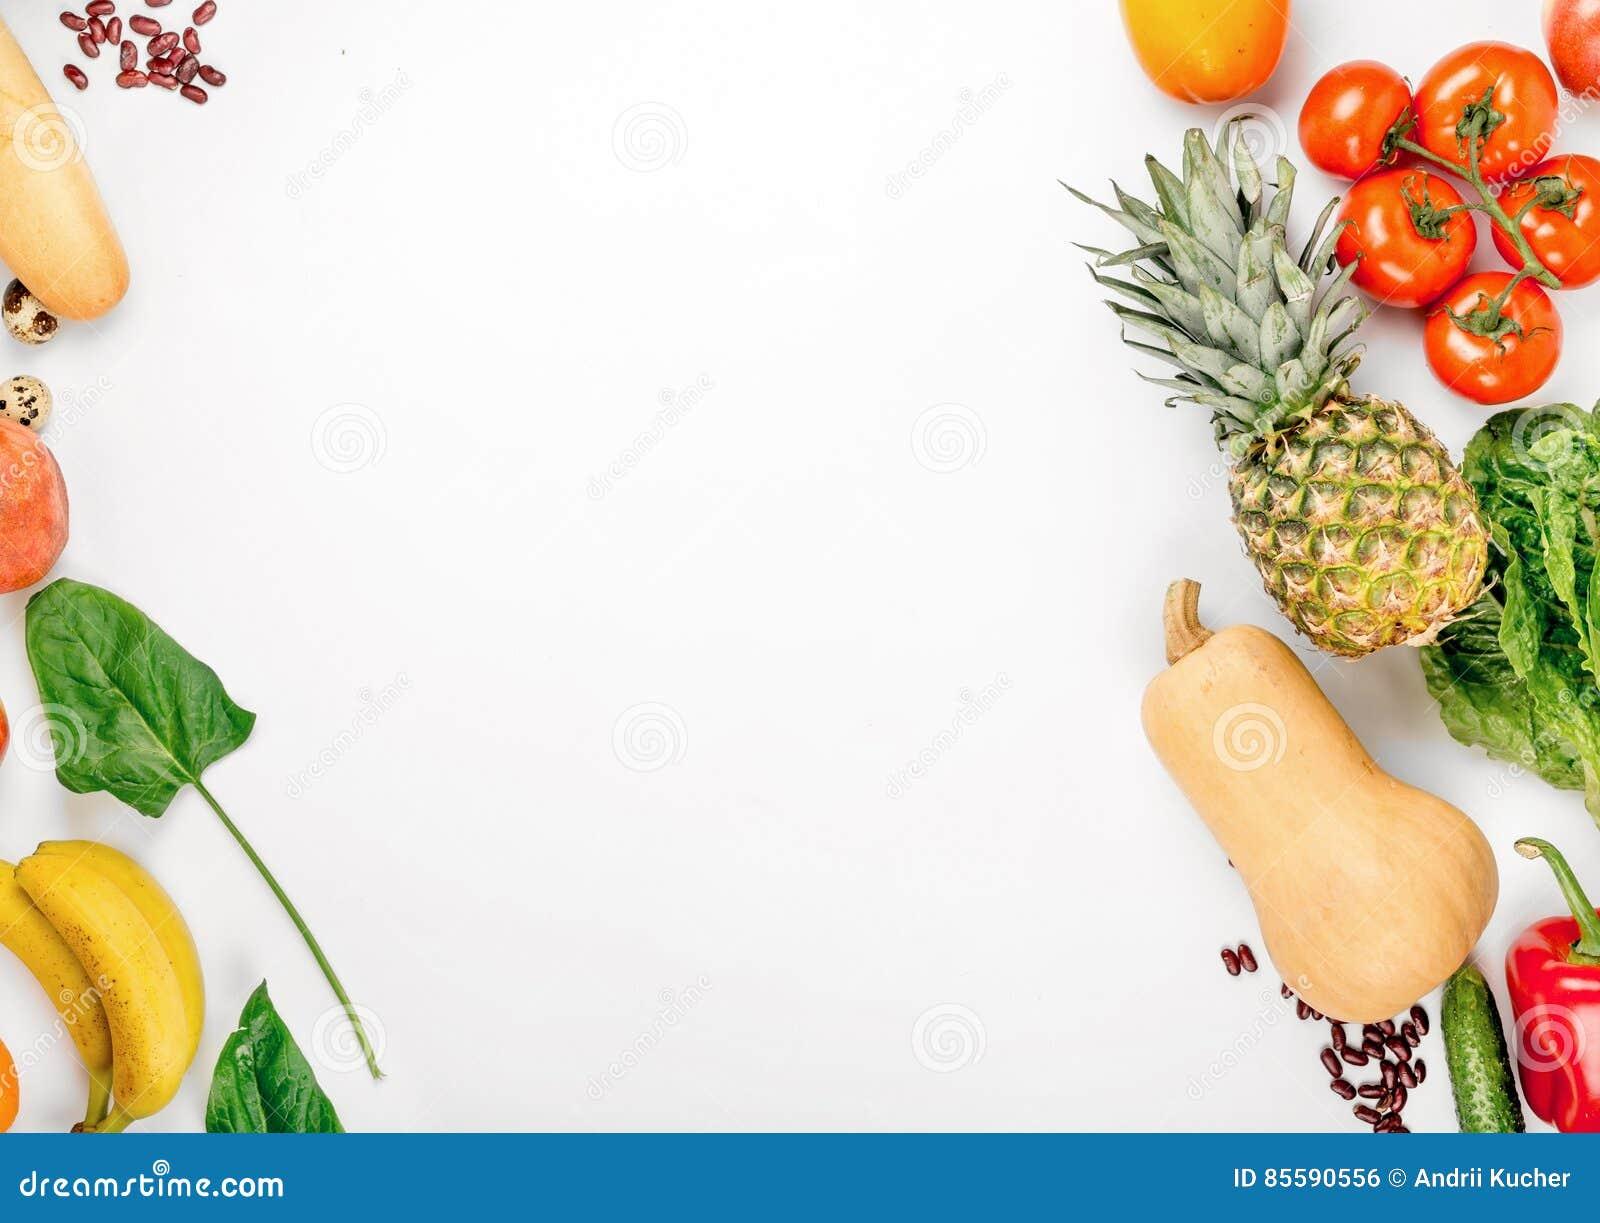 Υγιεινή διατροφή ποικιλίας σε ένα άσπρο υπόβαθρο με το διάστημα αντιγράφων